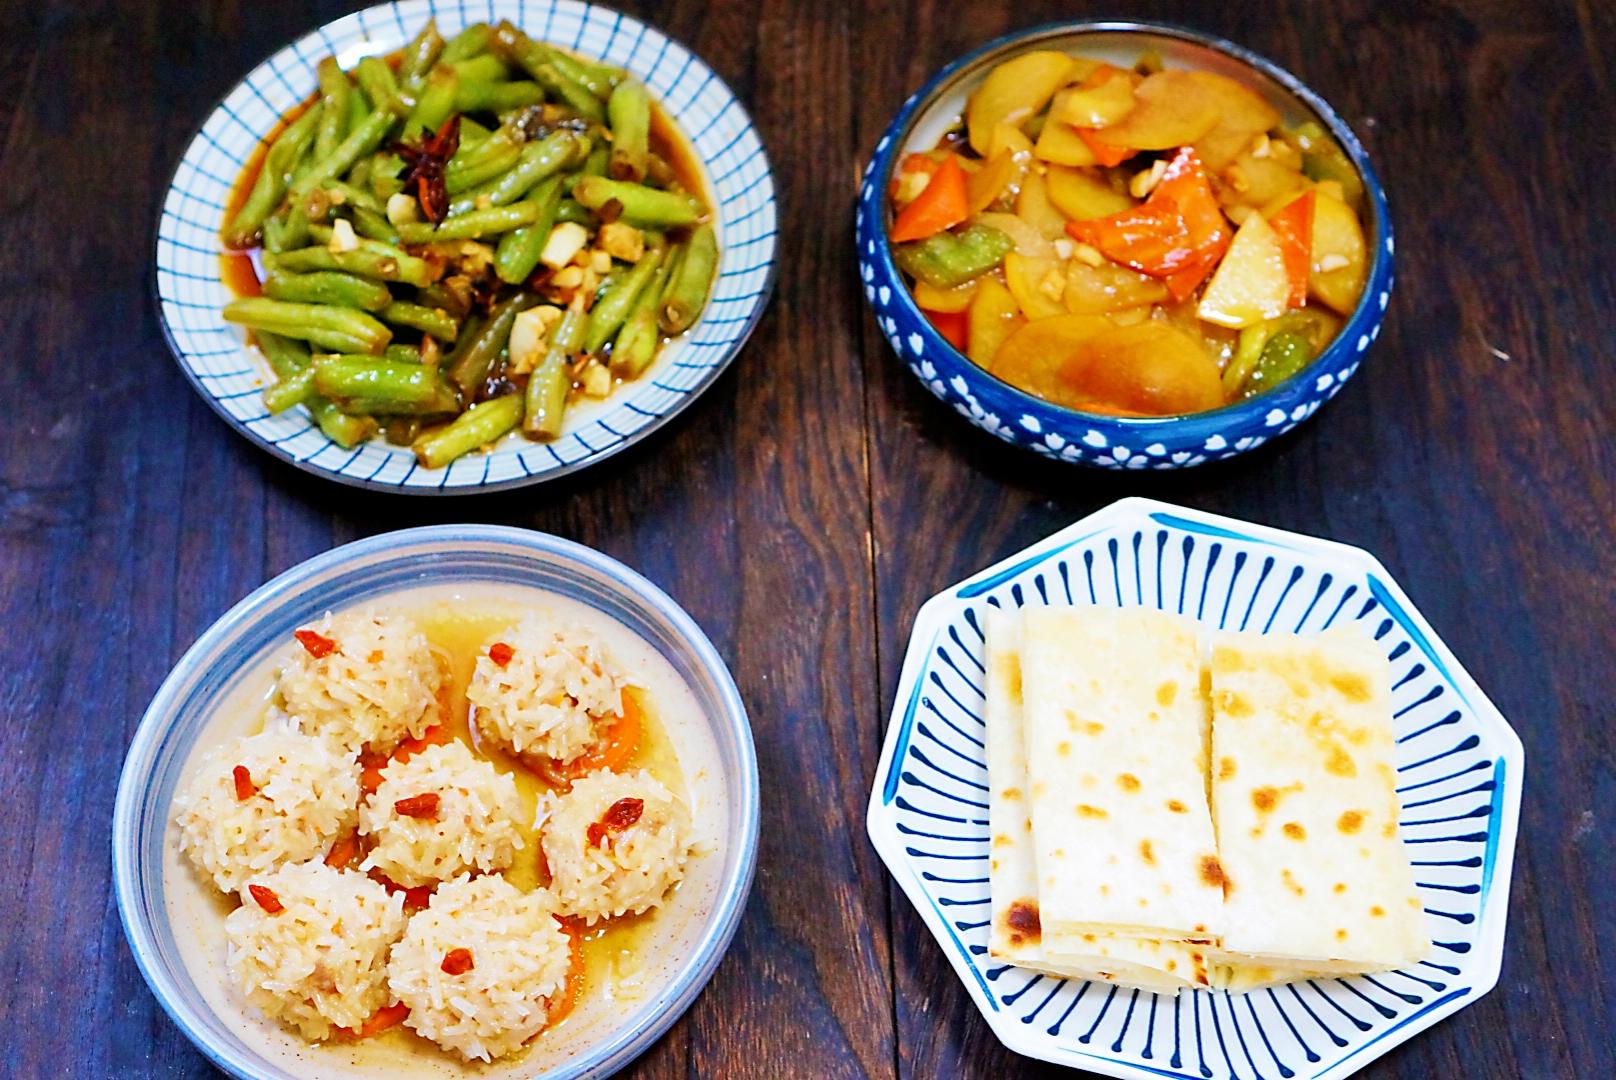 晒晒我家的晚餐,7天不重样,营养丰富,网友:生活有滋有味 美食做法 第3张